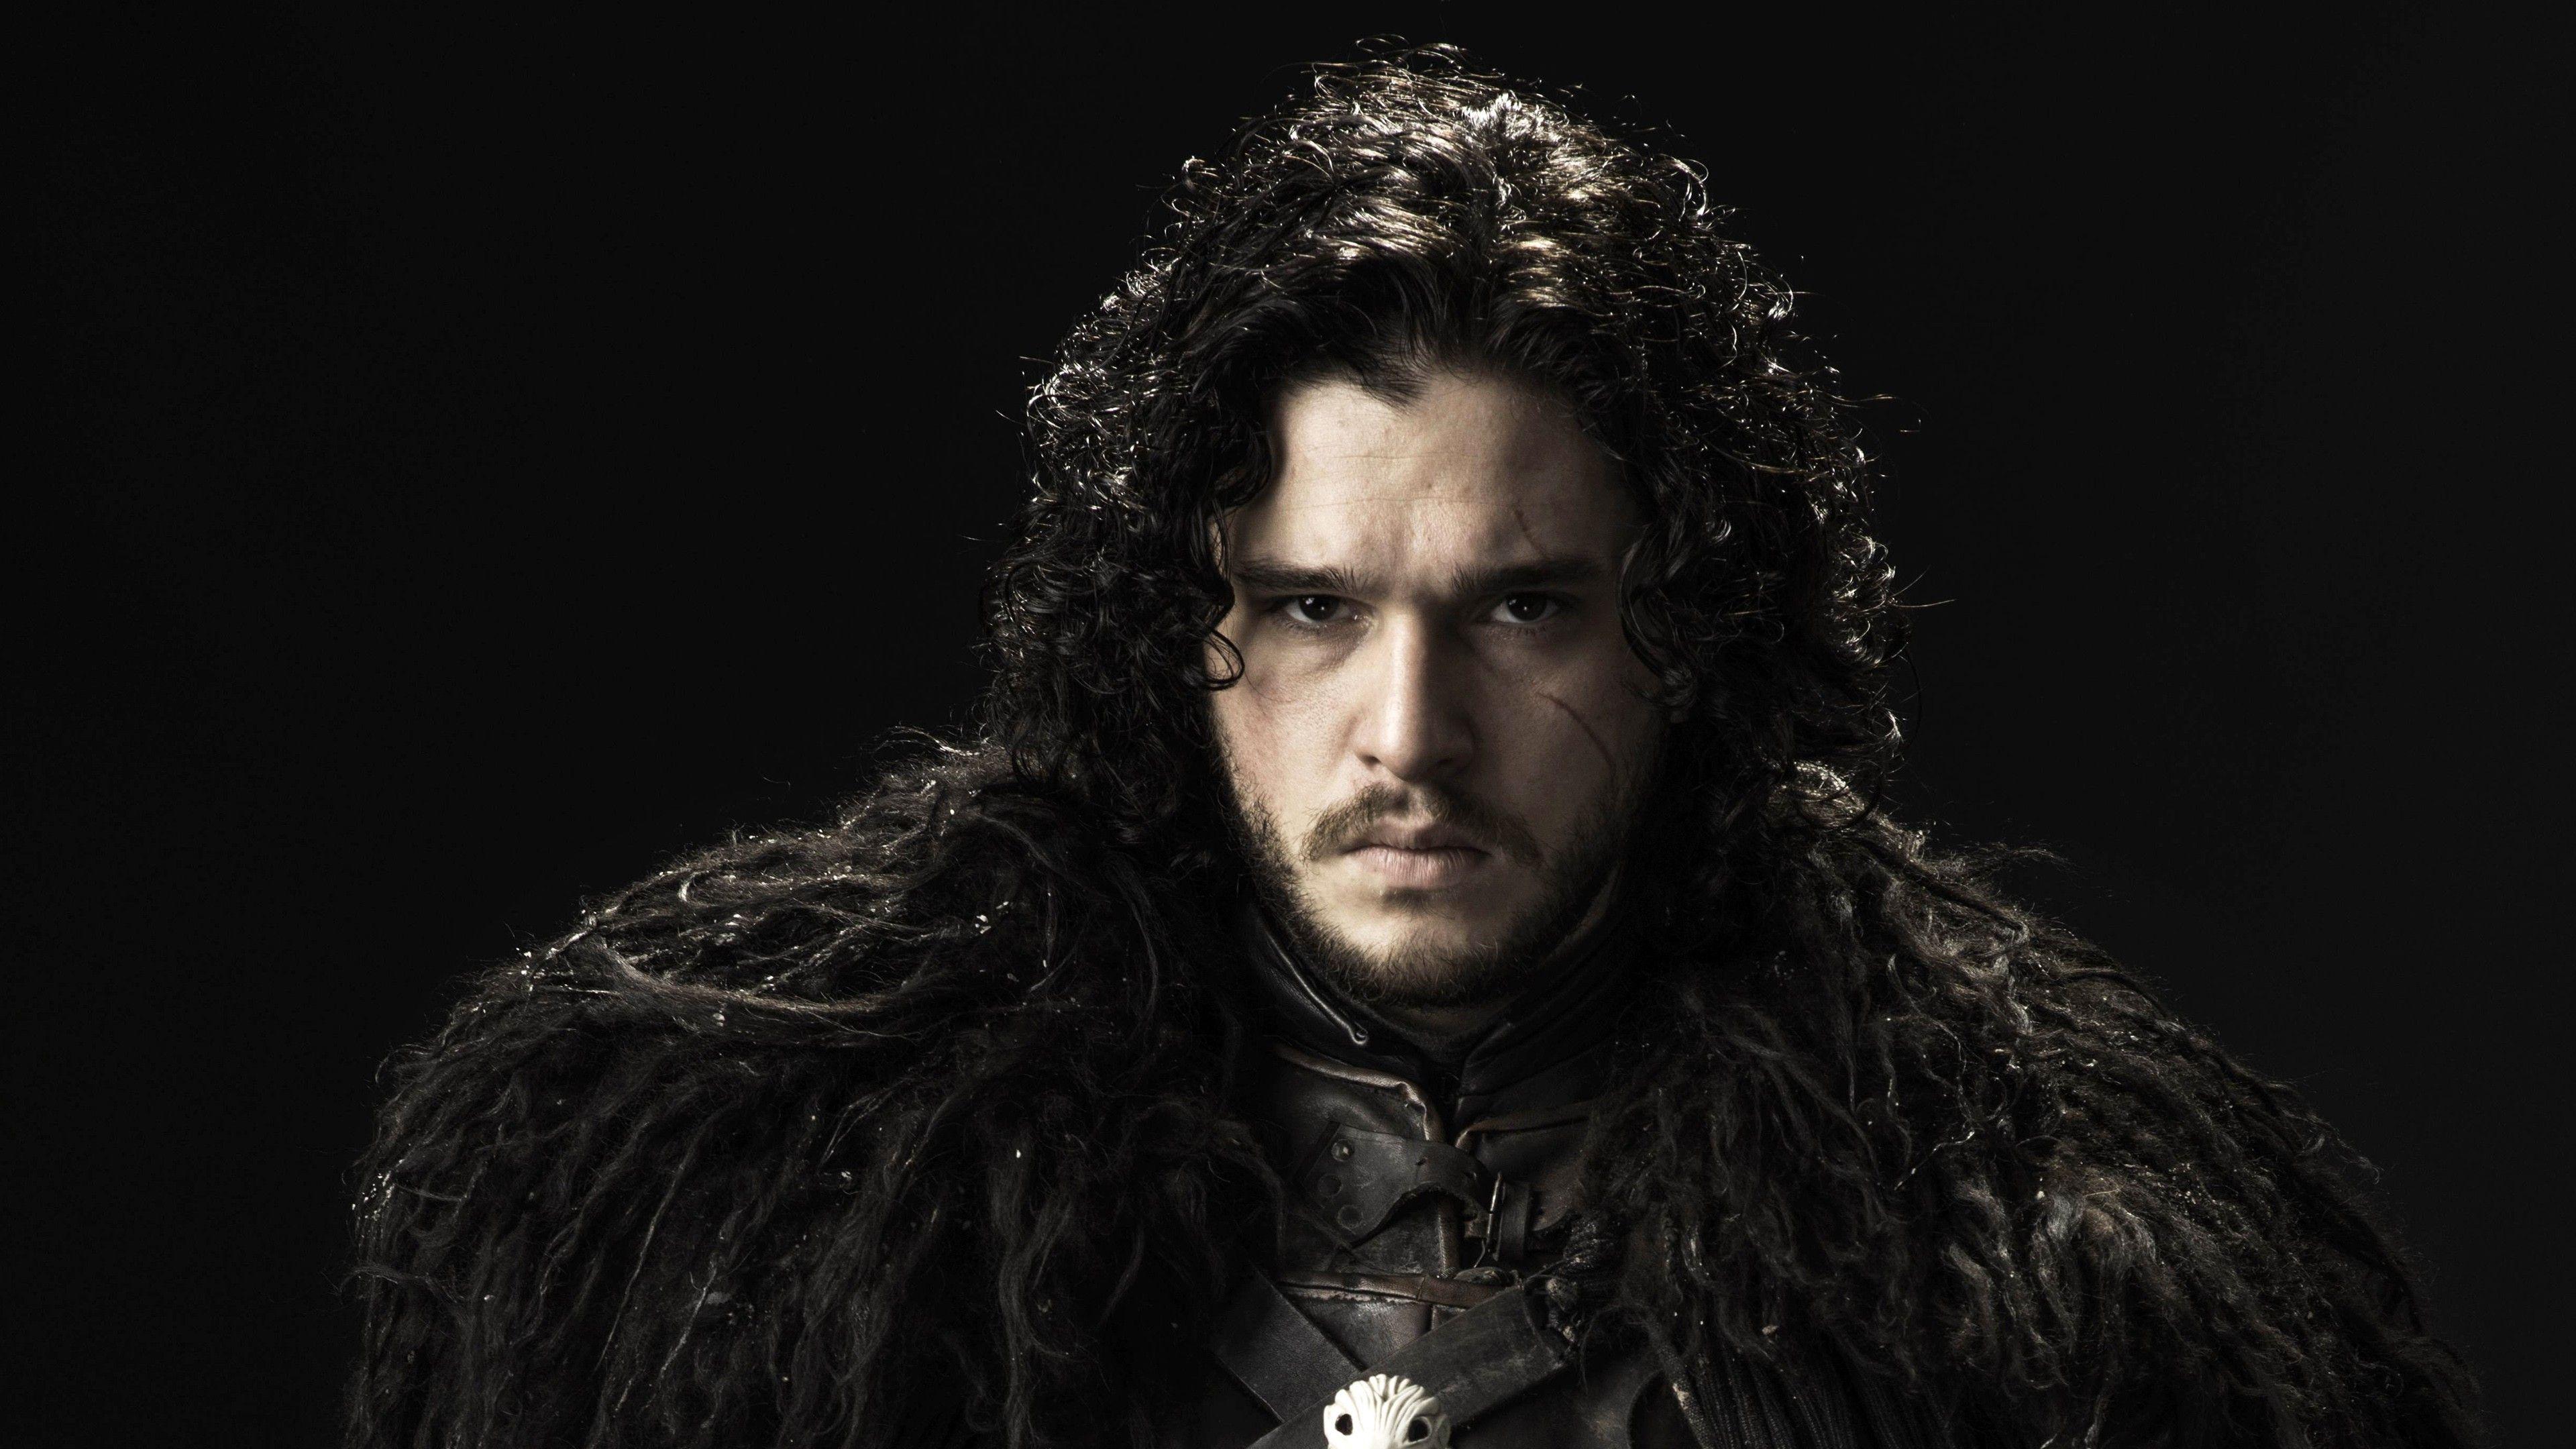 Jon Snow Wallpaper Jon Snow Kit Harington Jon Snow Family Tree